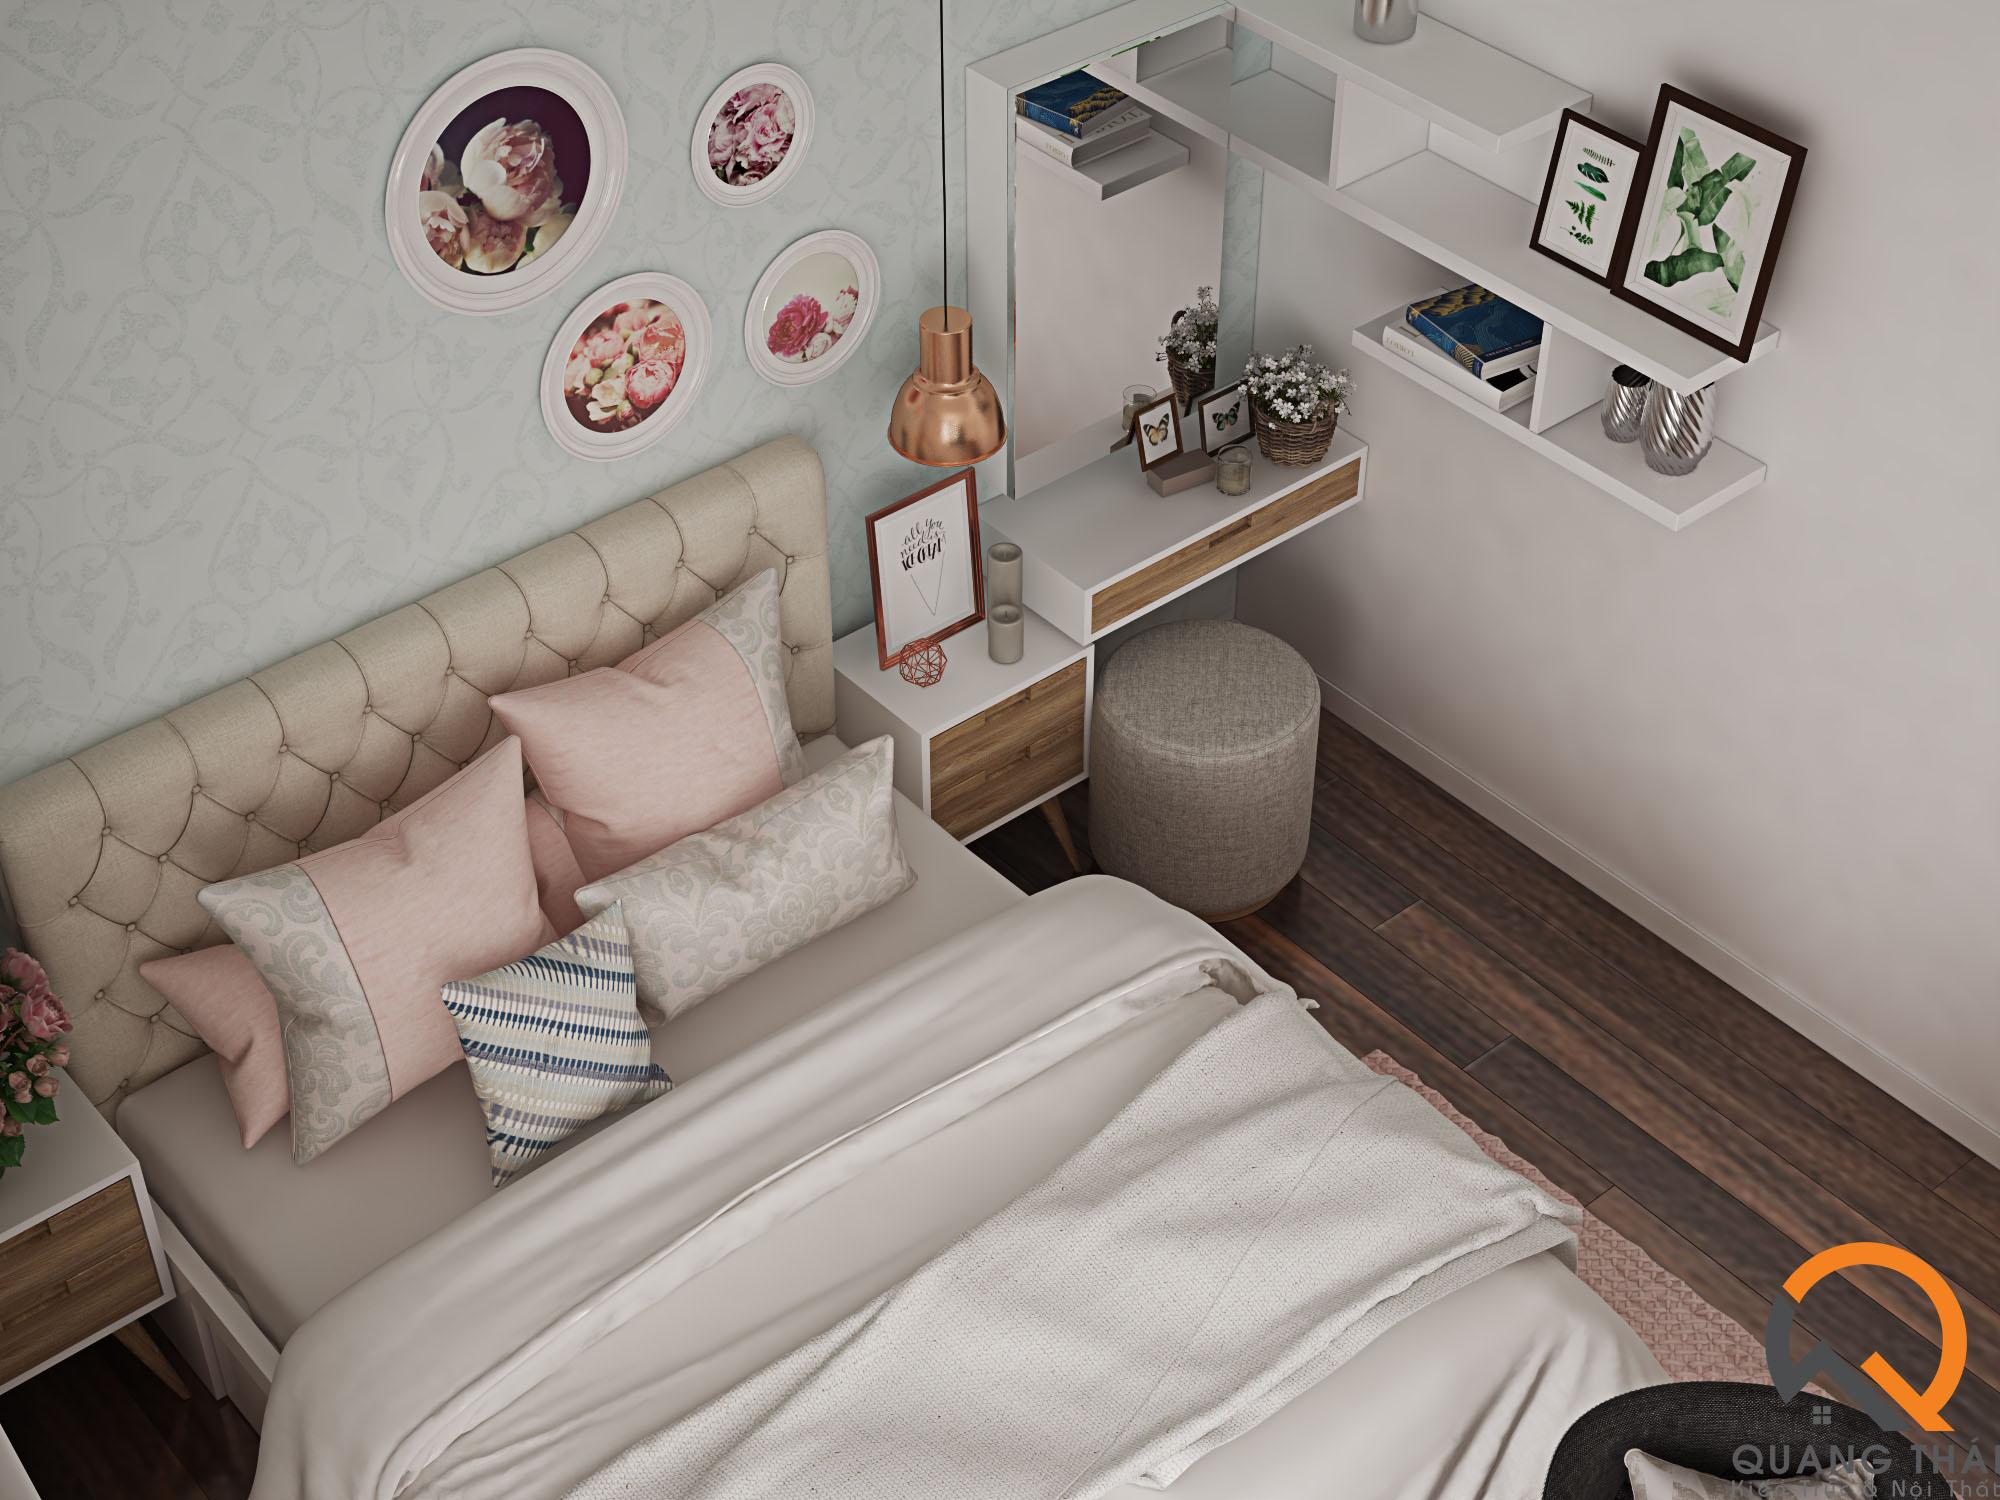 Nội thất phòng ngủ hiện đại, sang trọng, với tông màu trắng nhẹ nhàng thuần khiết.